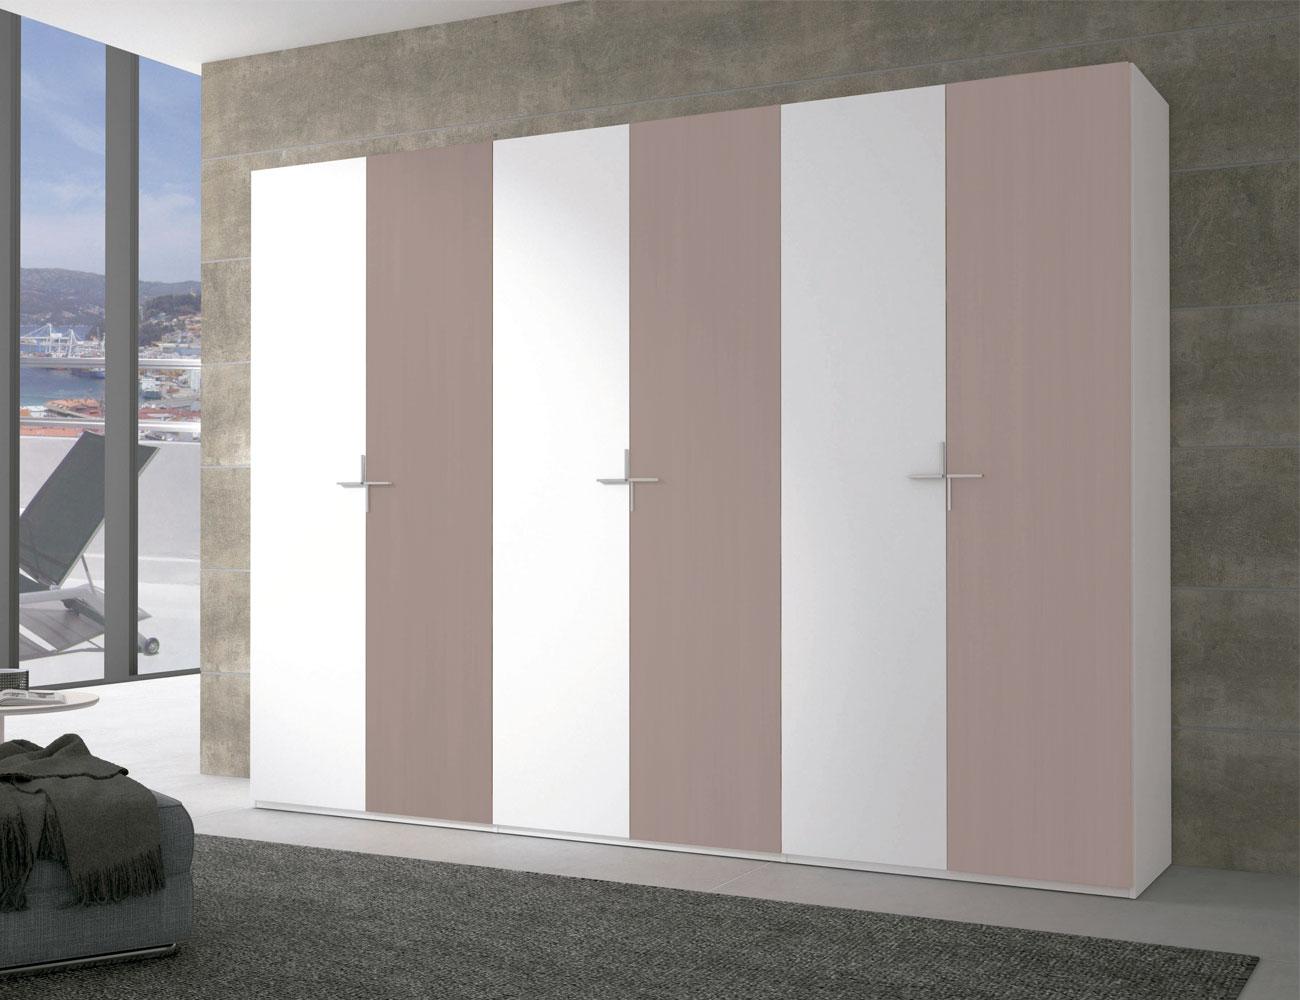 Armario puertas abatibles moka blanco11